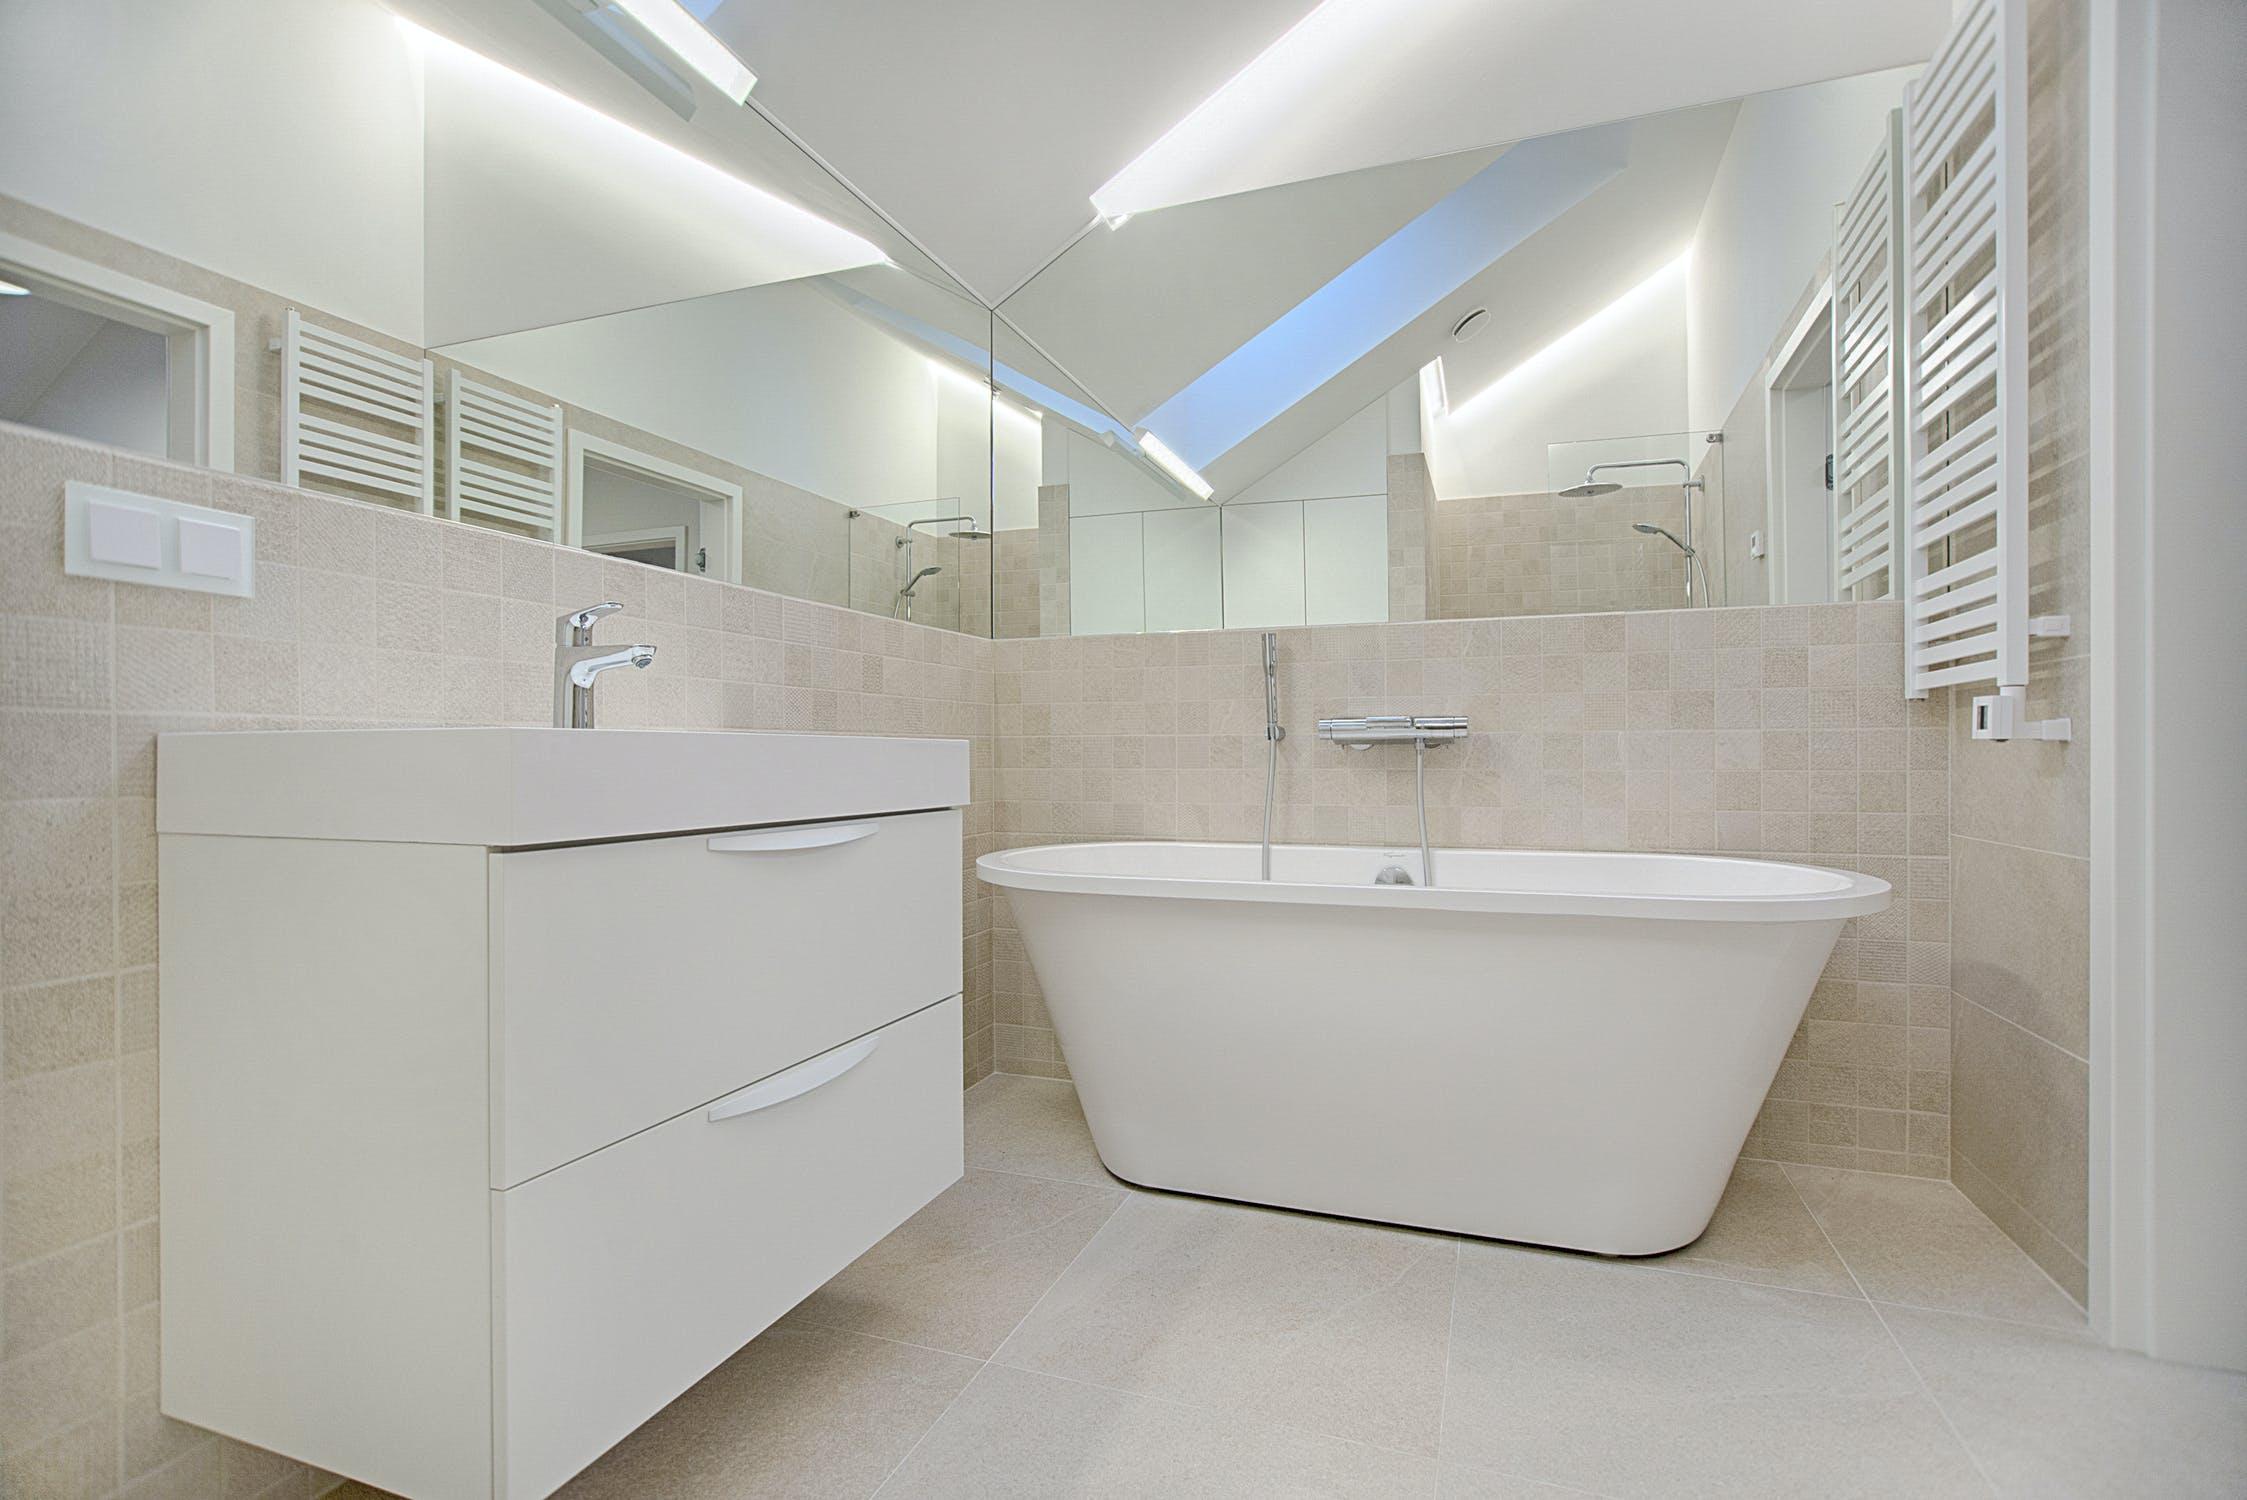 mueble nuevo baño